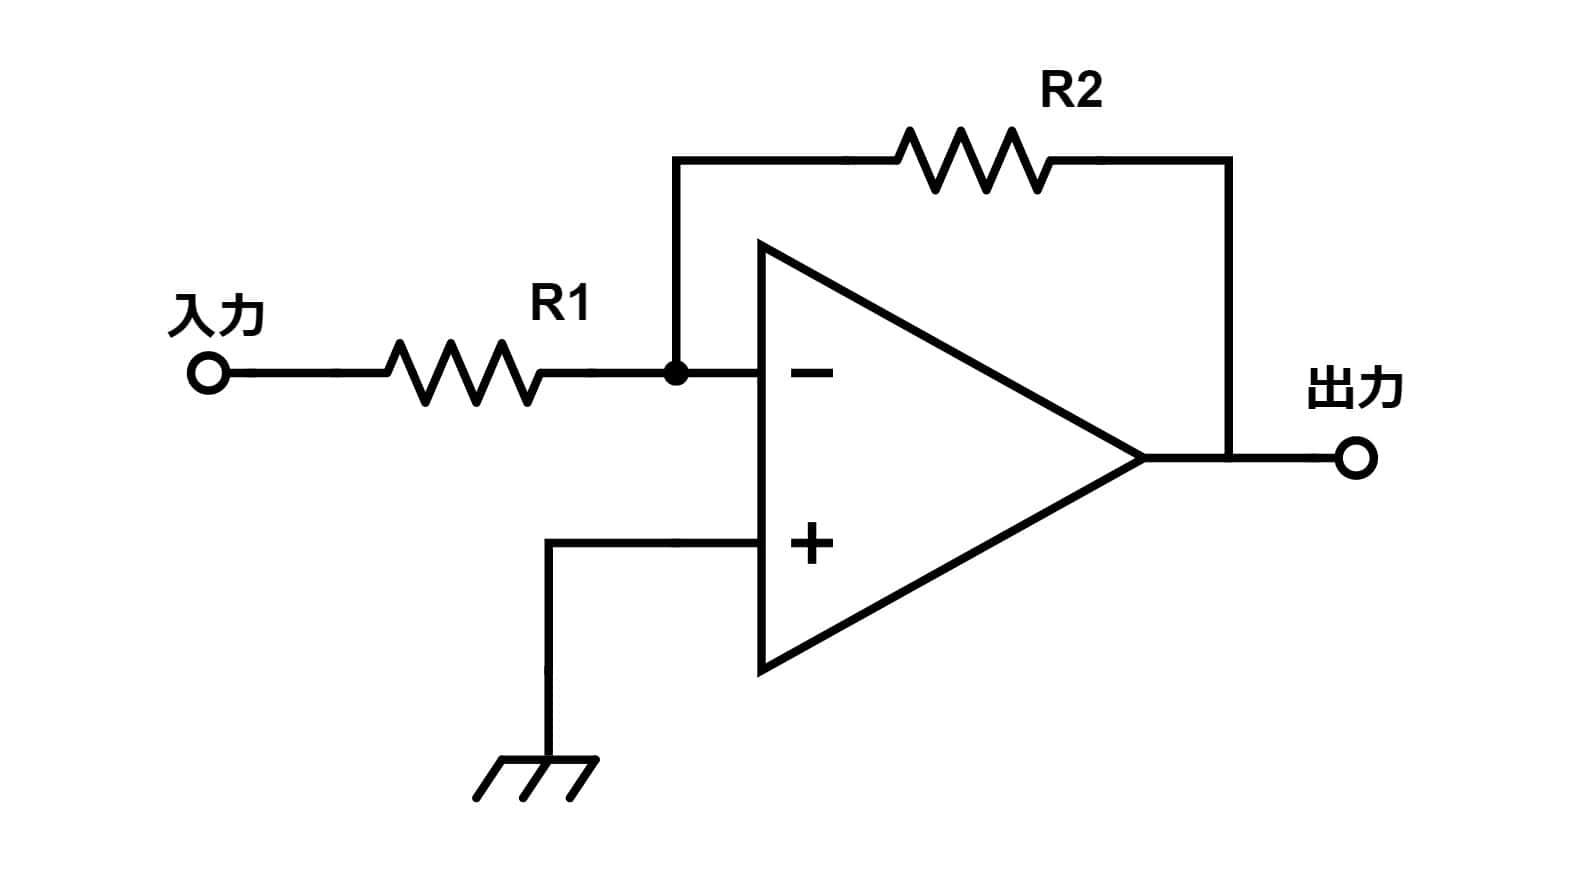 反転増幅器とは?オペアンプの動作をわかりやすく解説